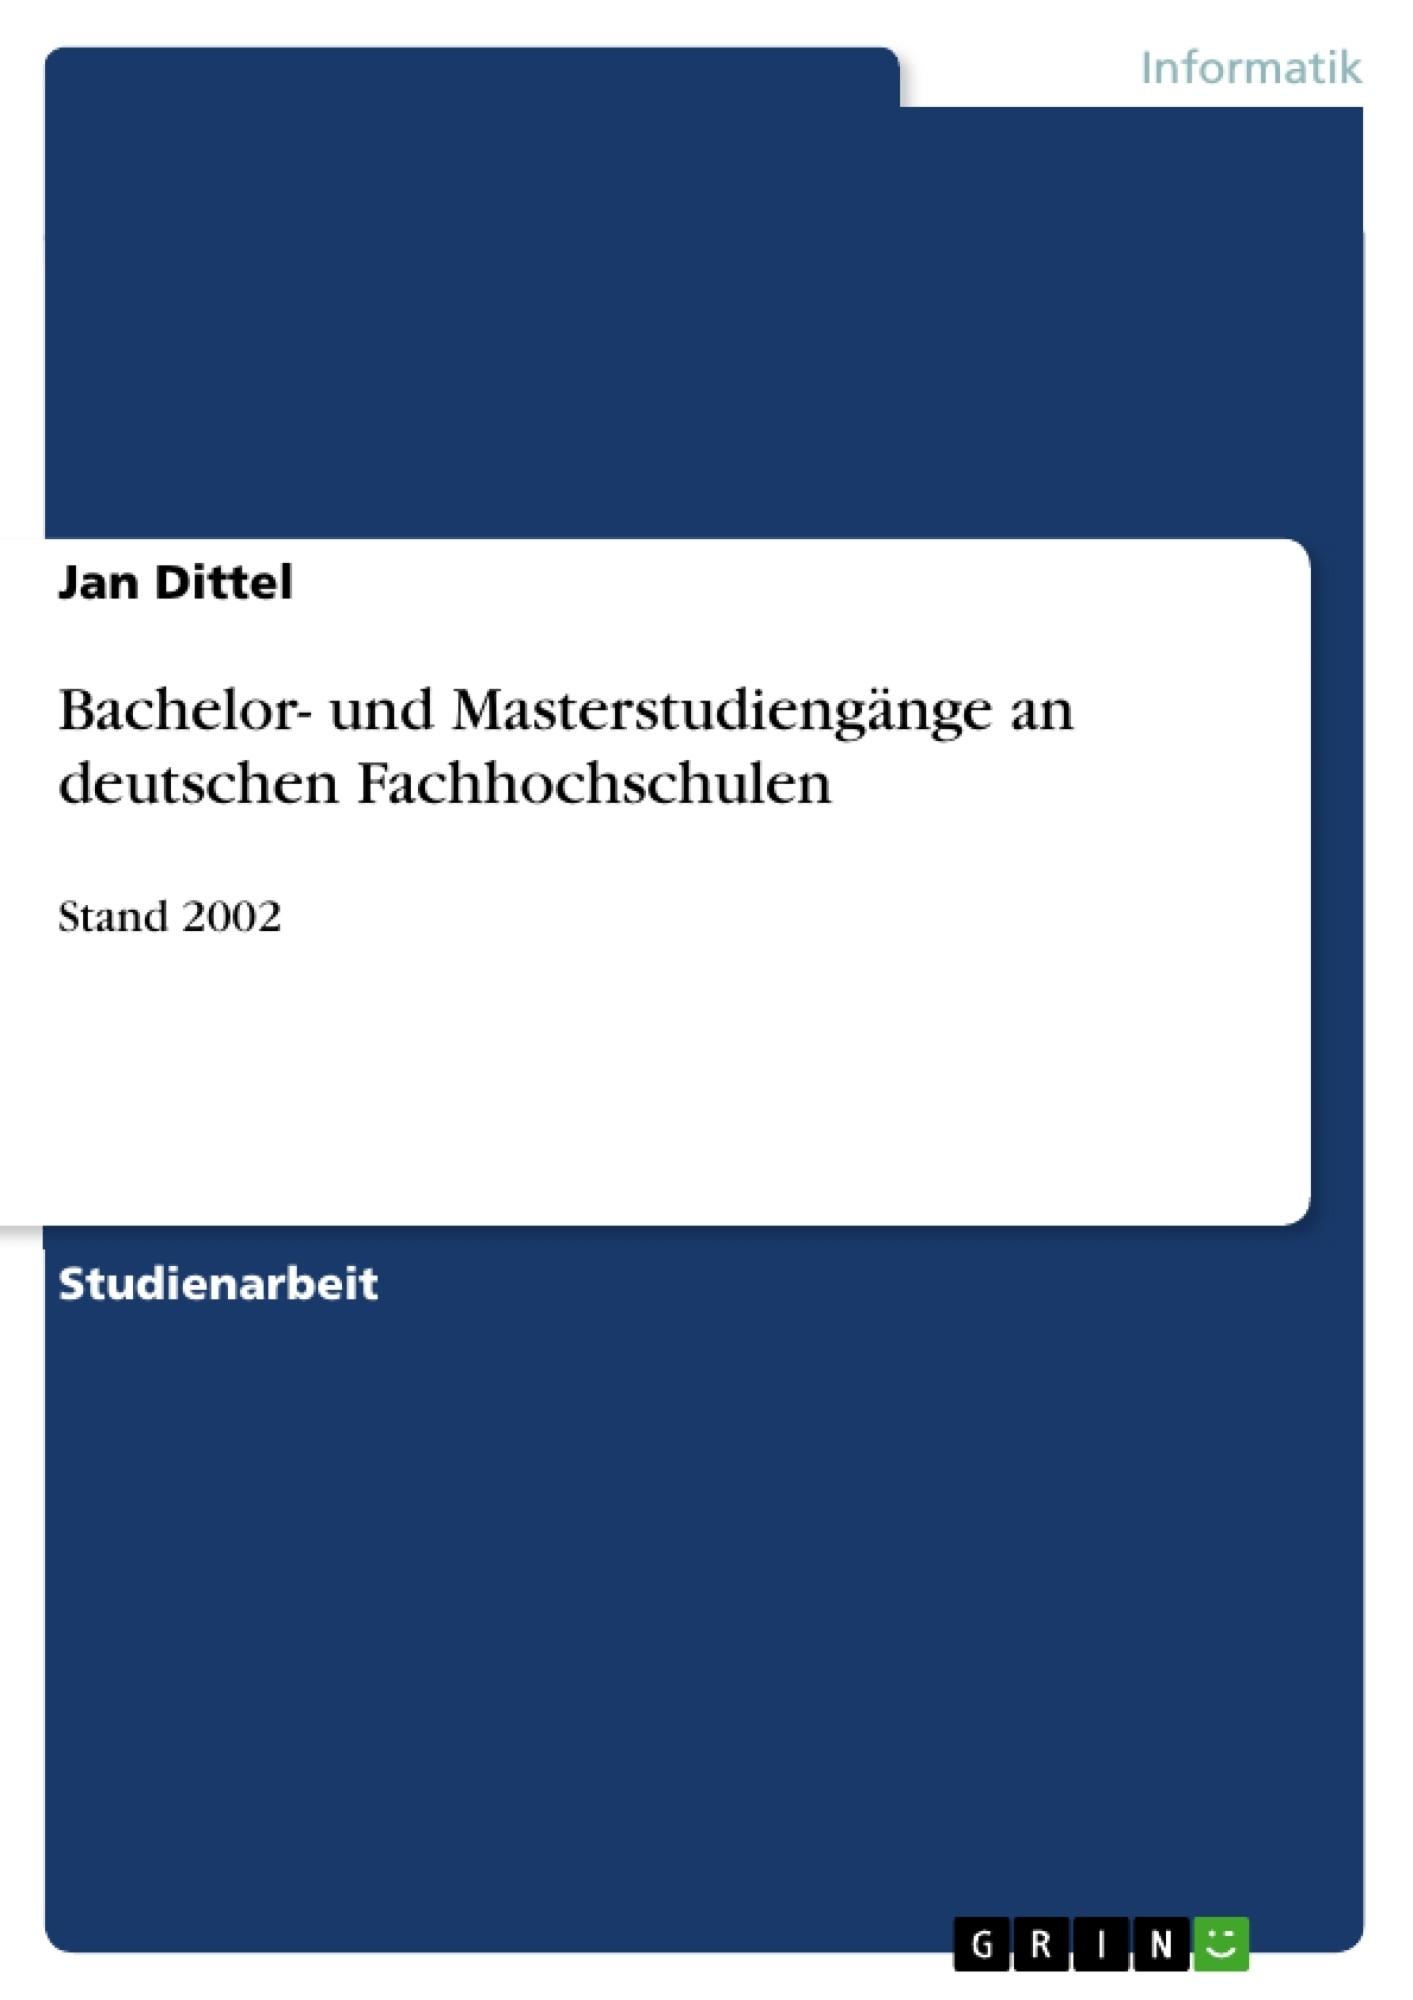 Titel: Bachelor- und Masterstudiengänge an deutschen Fachhochschulen